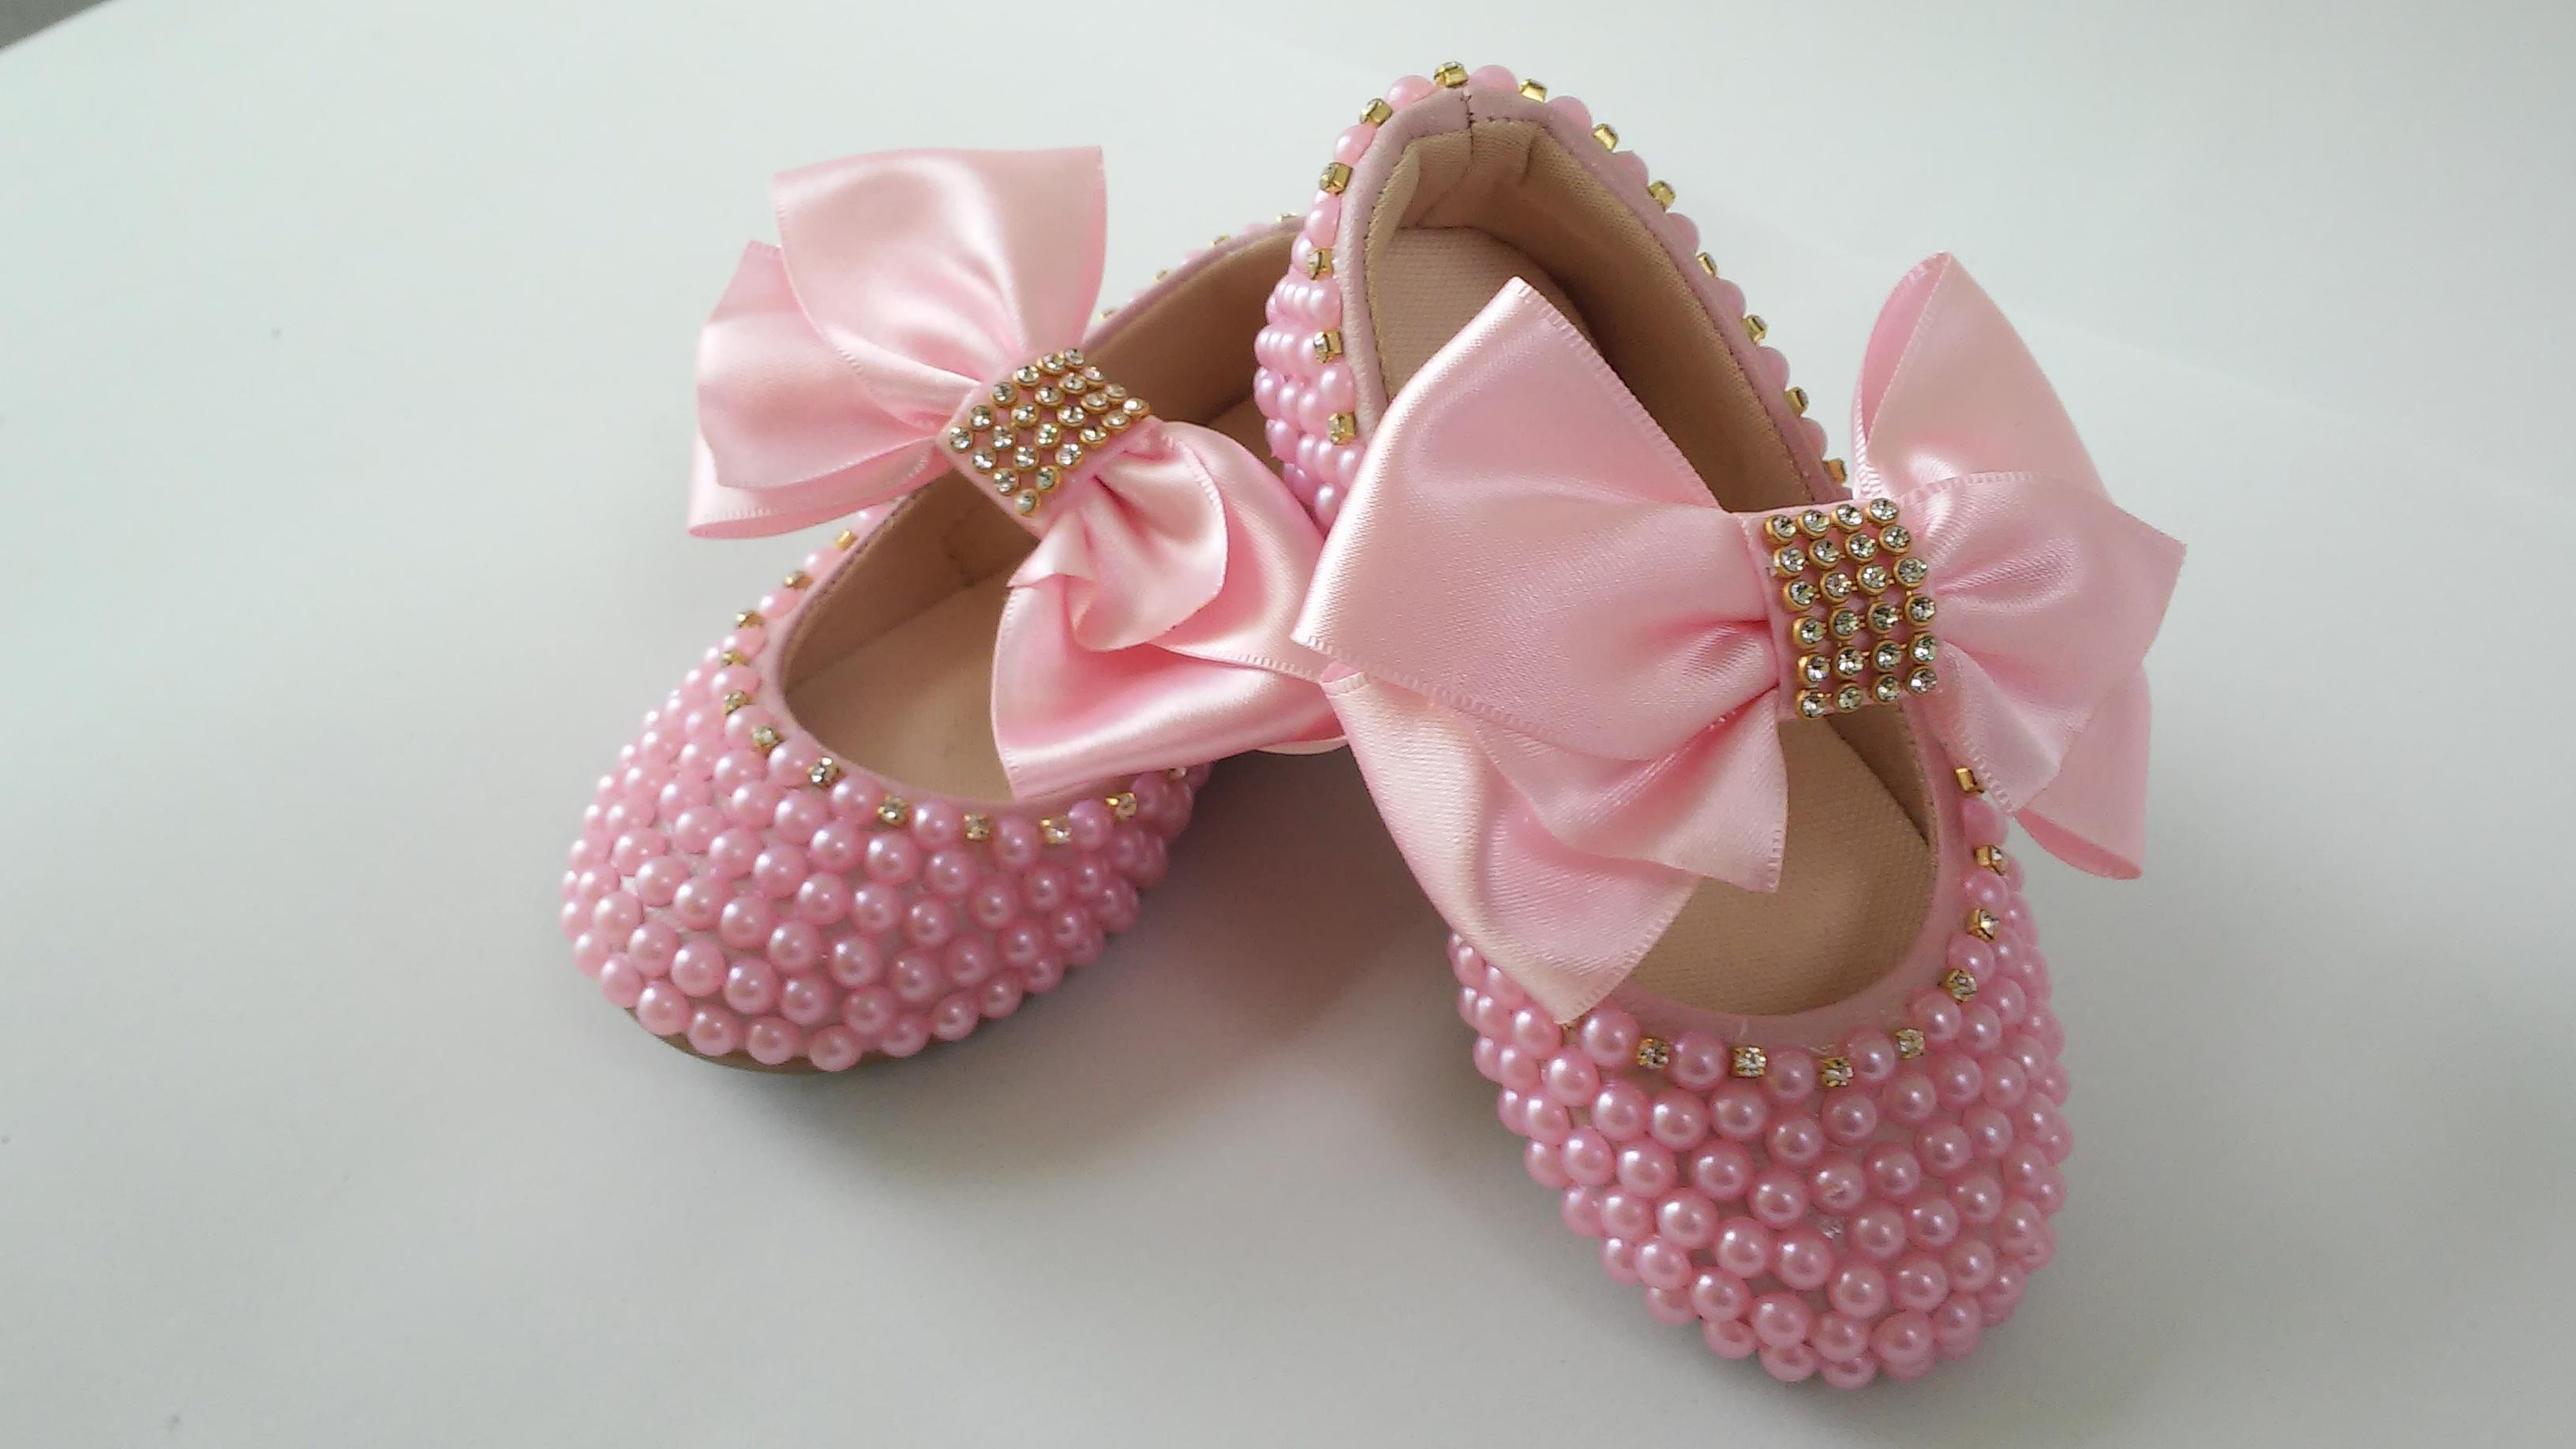 Bolsa De Perola Infantil : Conjunto sapato e bolsa com la?o rosa dindas baby elo